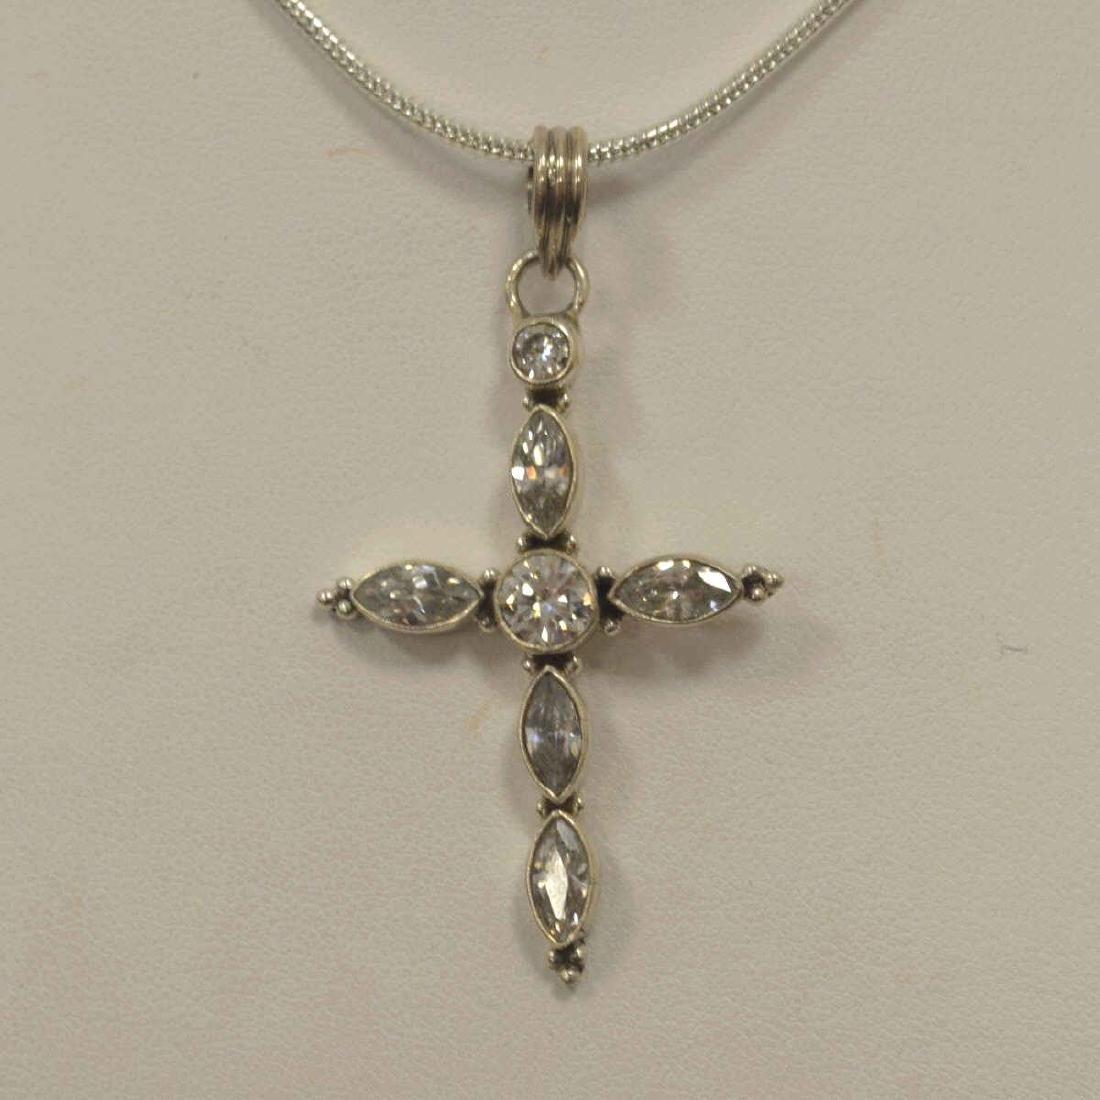 Sterling Silver White Topaz Cross Pendant - 2